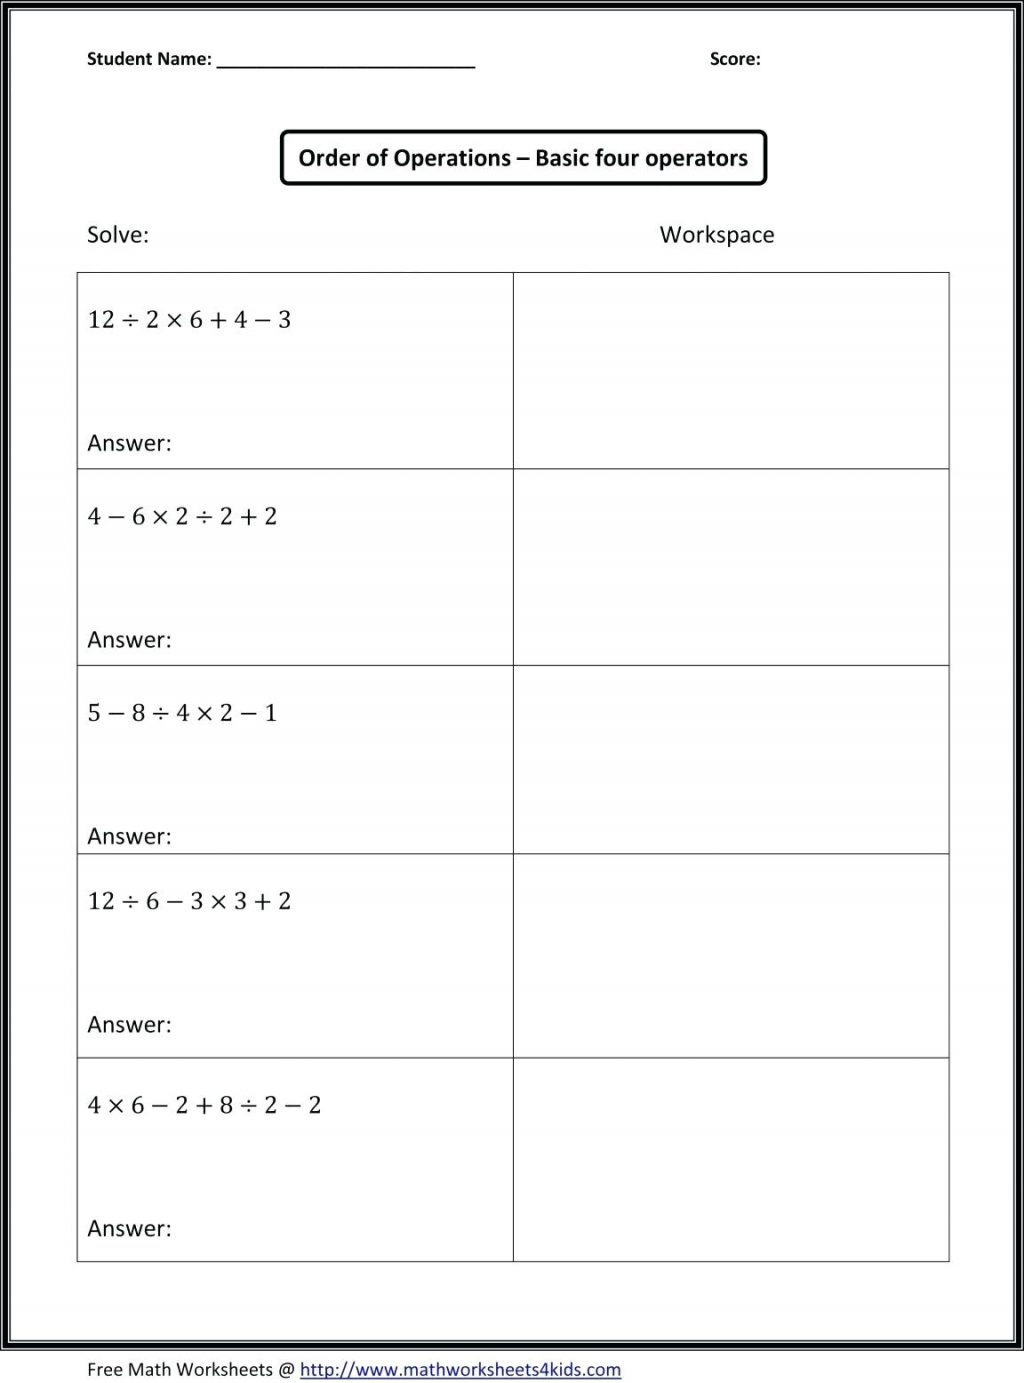 7Th Grade Math Pemdas Worksheets Rule Order Of Operations Tiktokcook   Printable Pemdas Worksheets